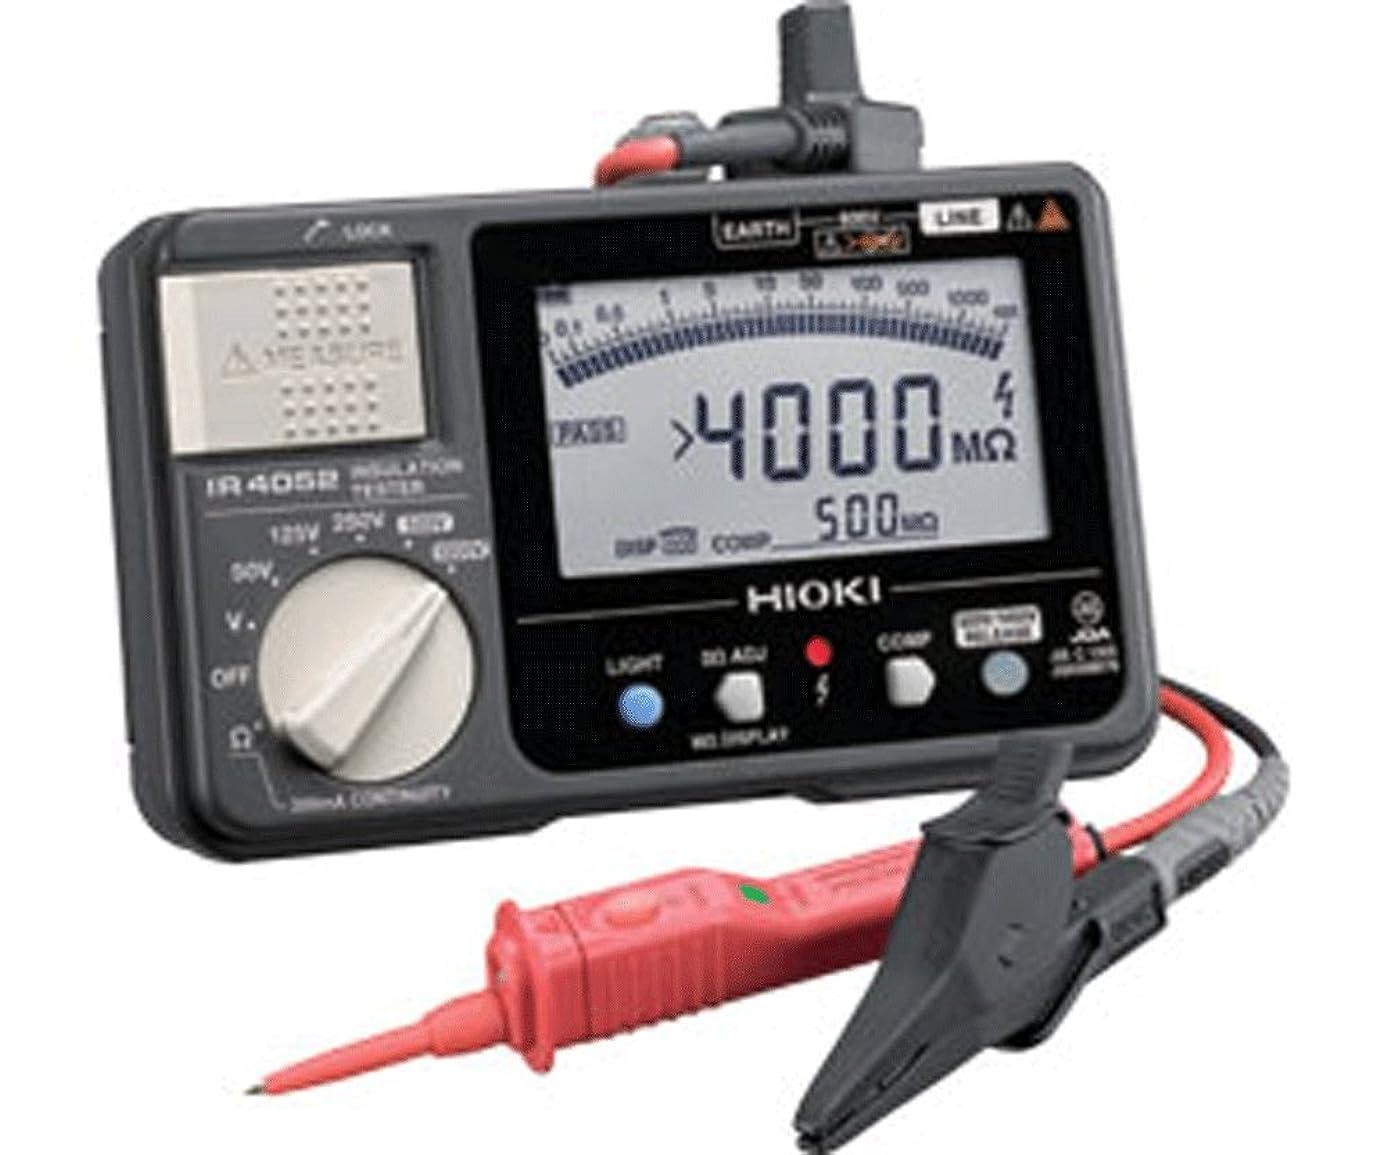 ダイエット花婿表示HIOKI(日置電機) IR4052-11 5レンジ デジタル絶縁抵抗計(スイッチ付リード9788-01付)